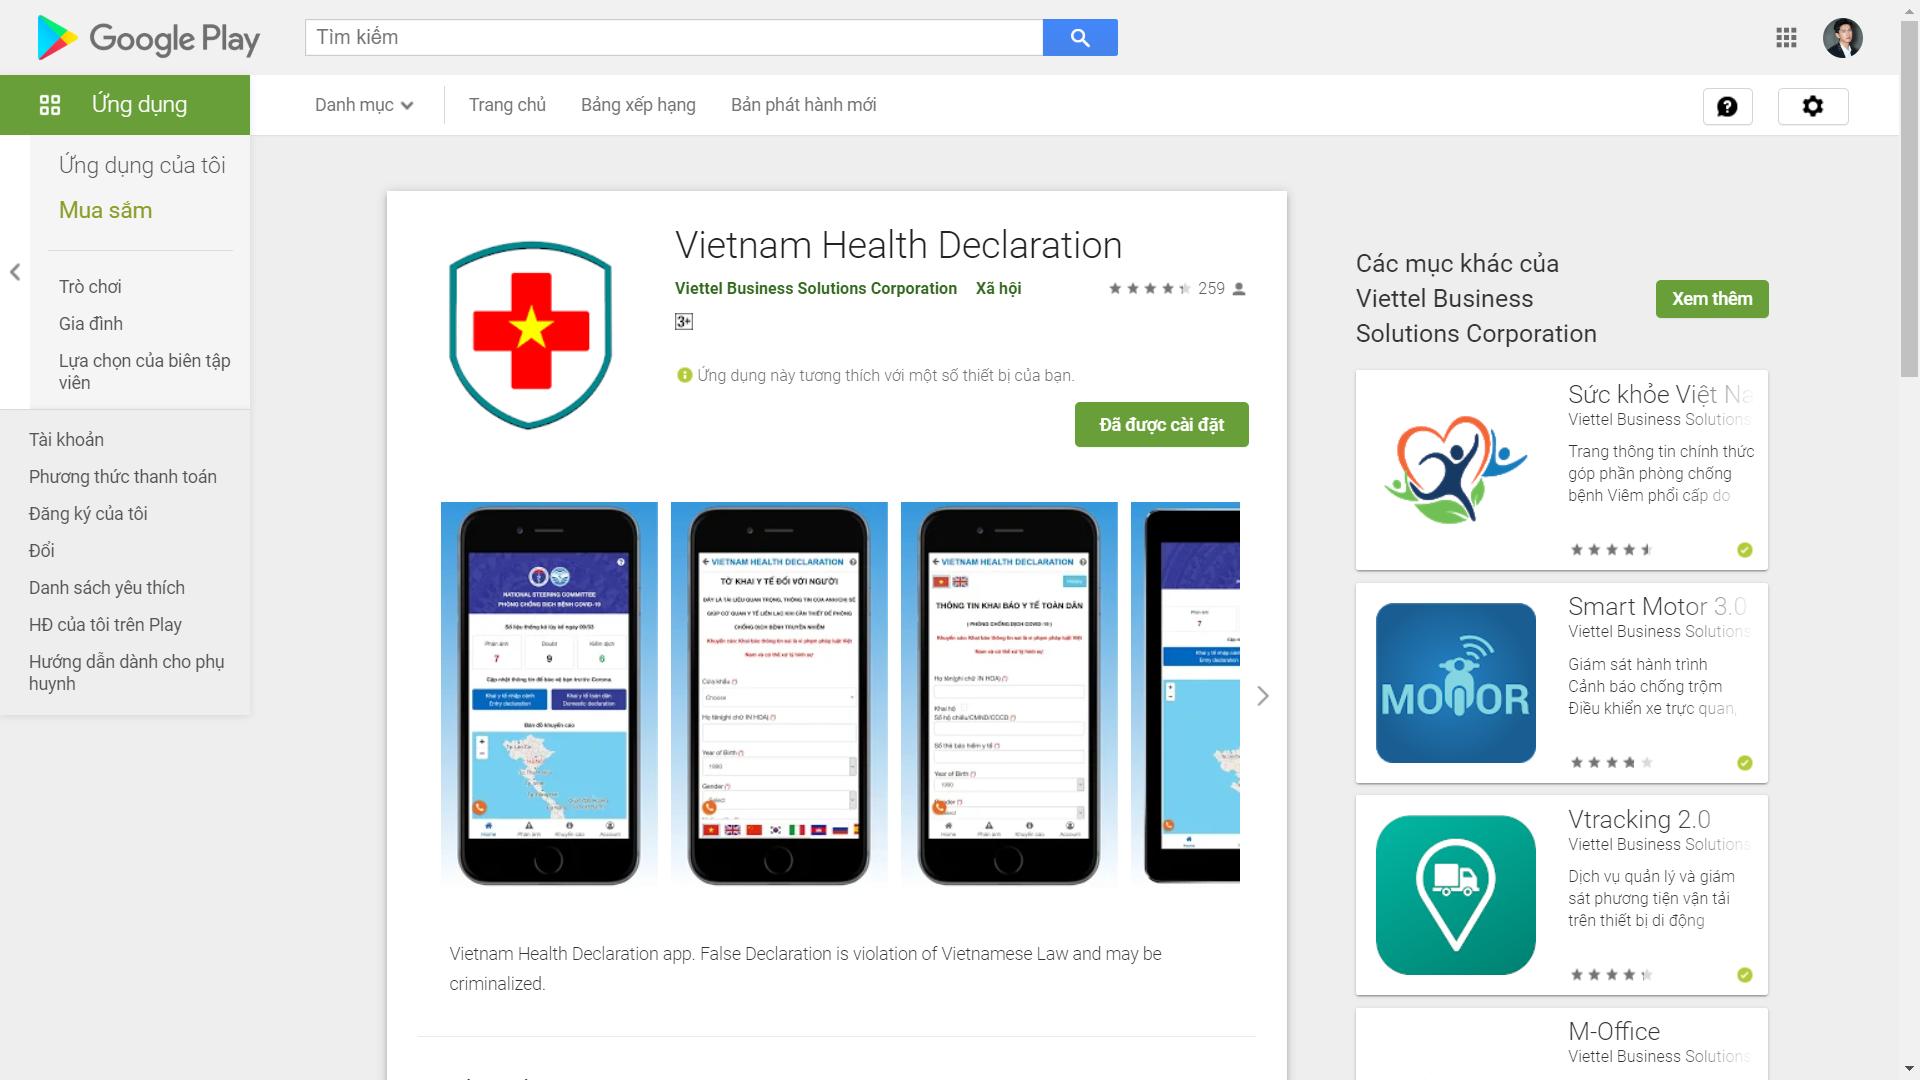 ứng dụng khai báo sức khỏe